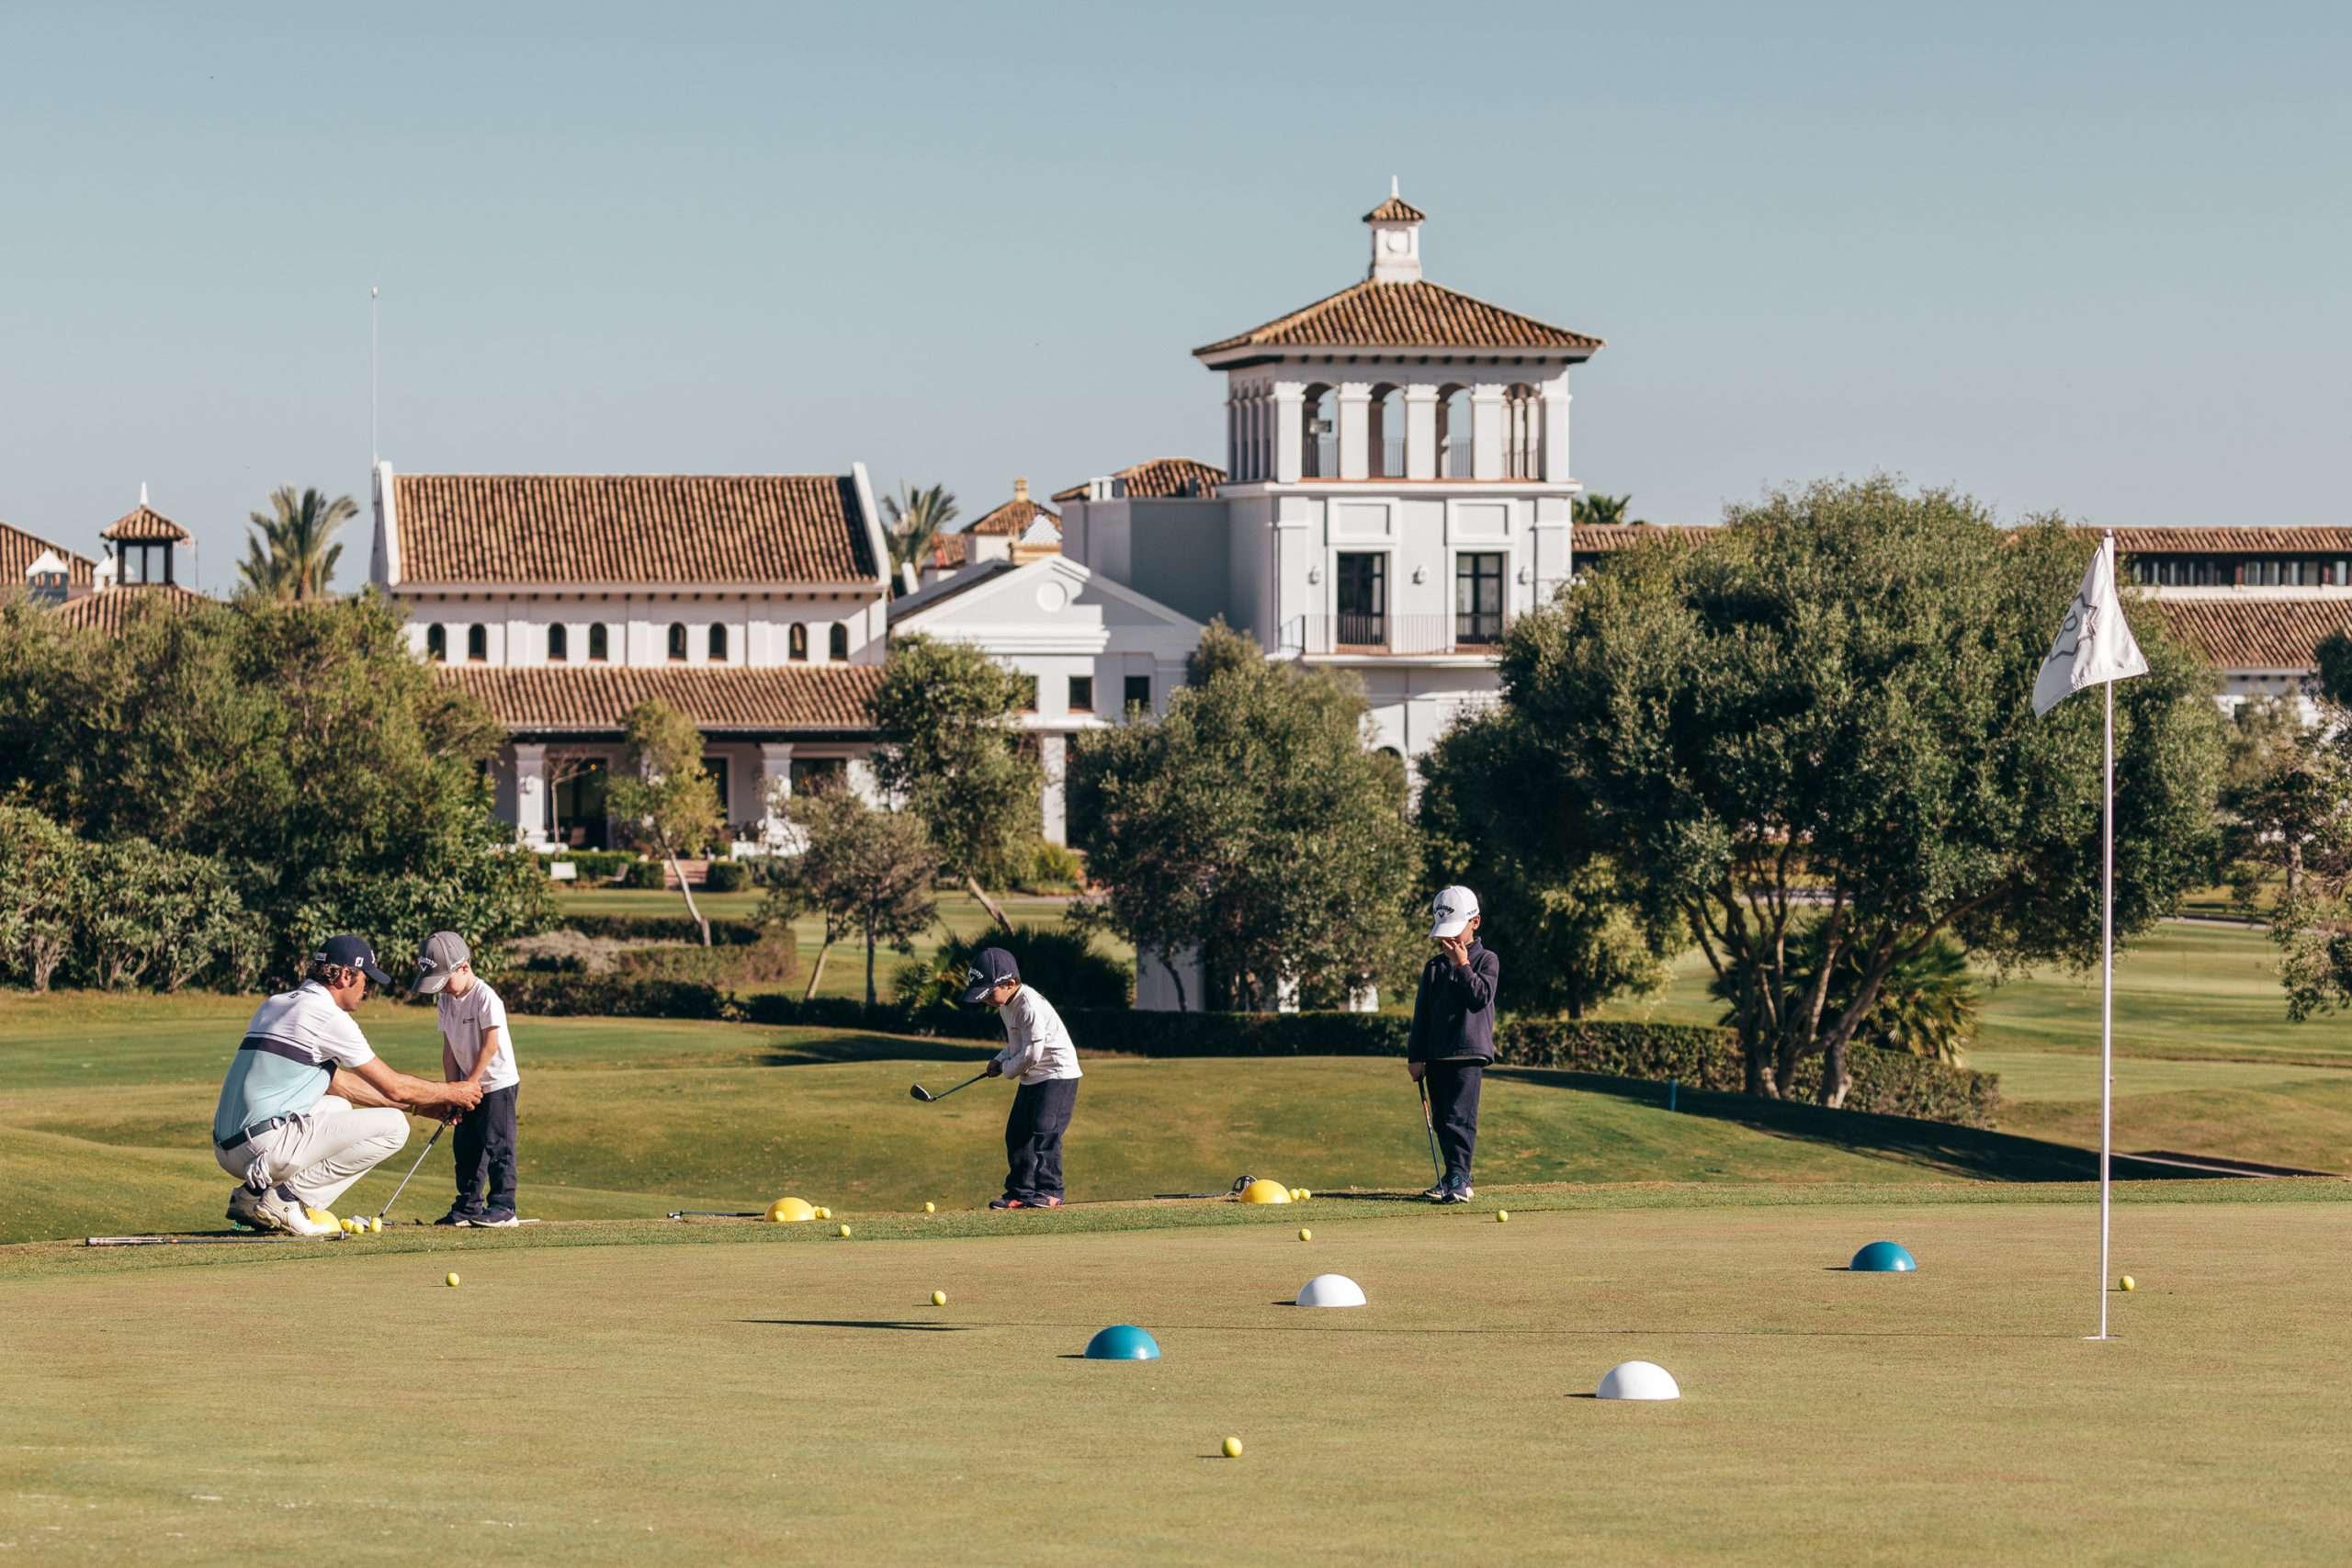 Academia de golf Sotogrande